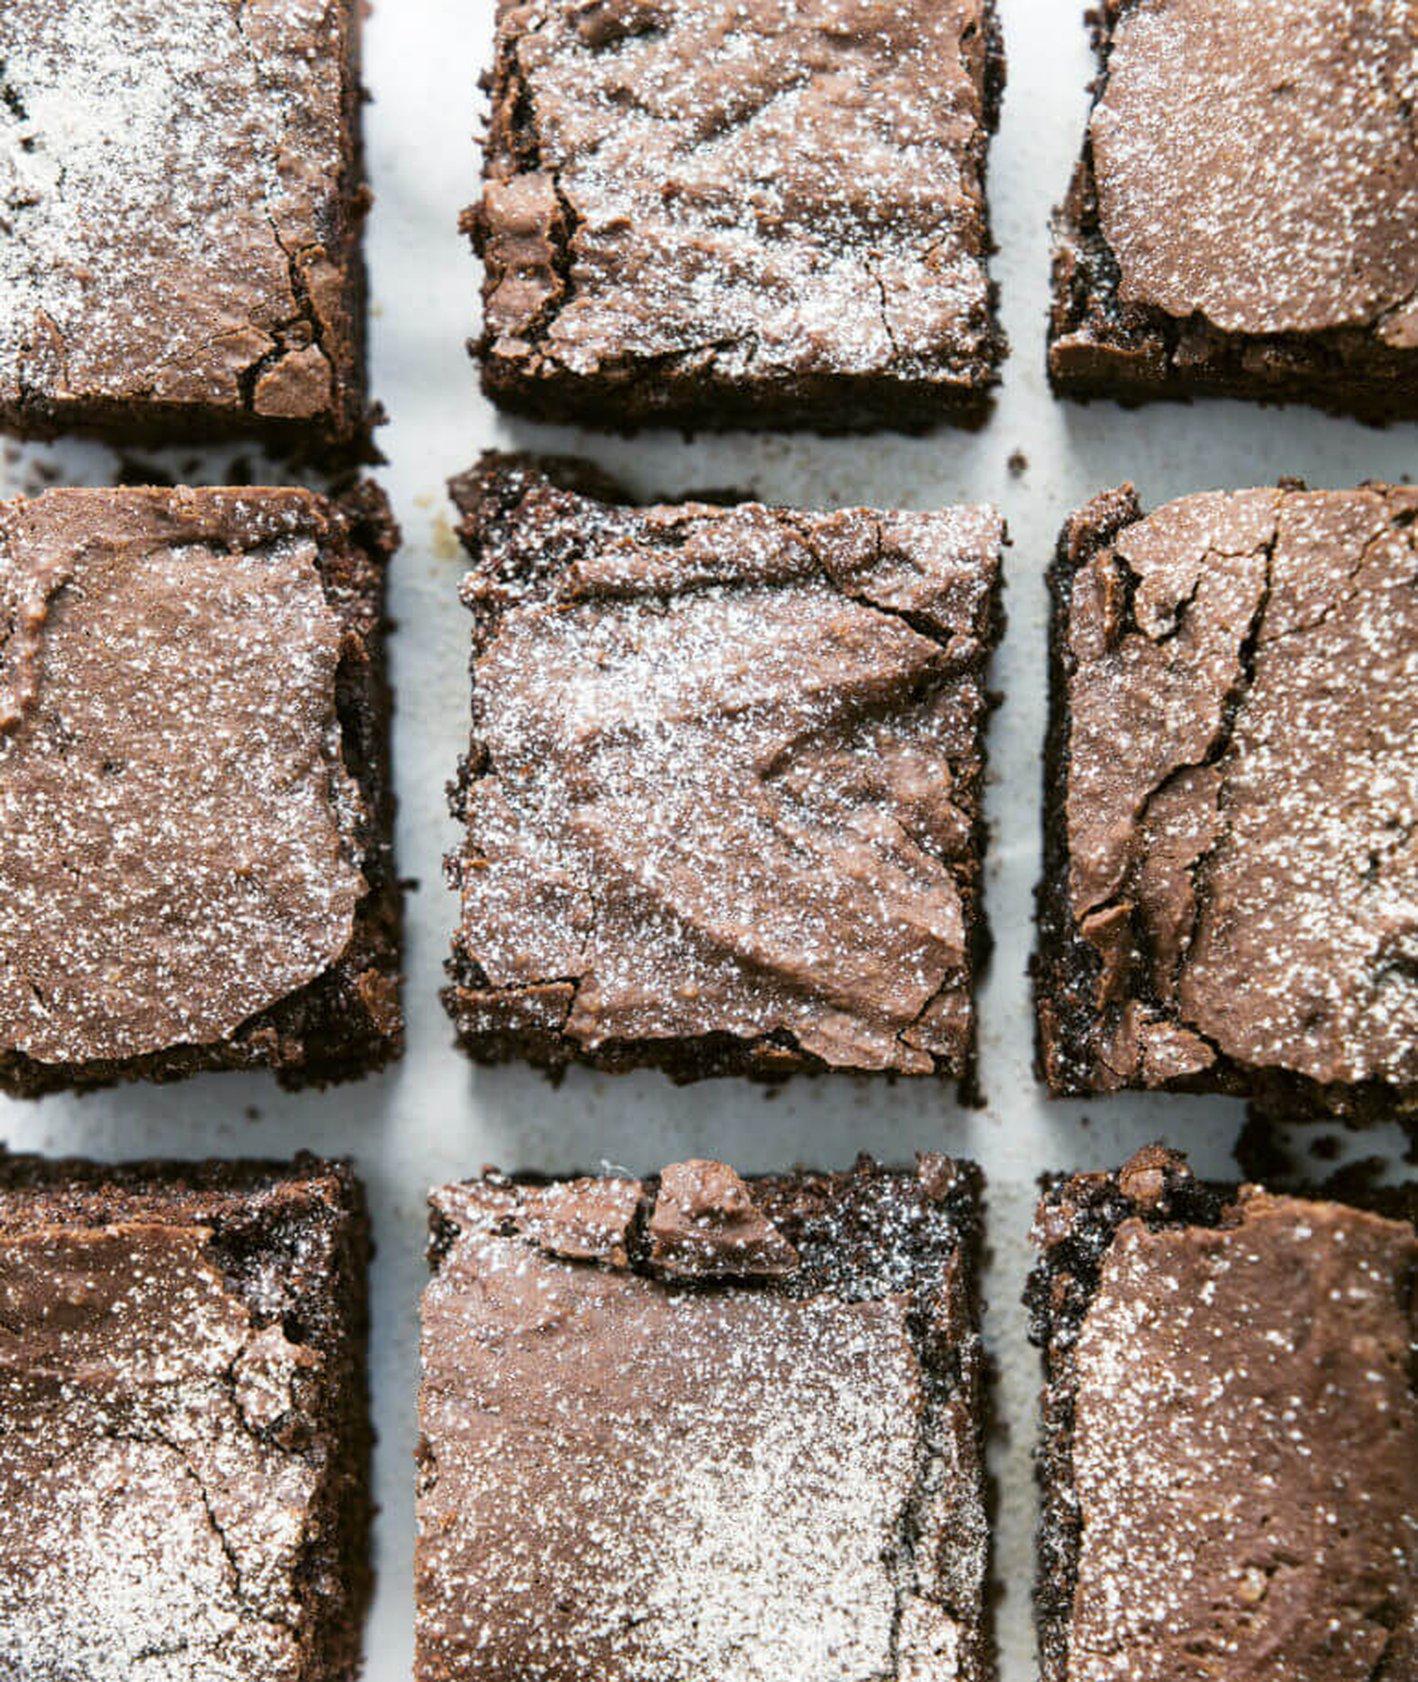 wegańskie brownie z batatów, brownie, idealne brownie, brownie Jadłonomia, Jadłonomia, Marta Dymek, roślinne brownie, ciasto z warzywami, ciasto z batatami, czekoladowe ciasto z batatami, zdrowy deser